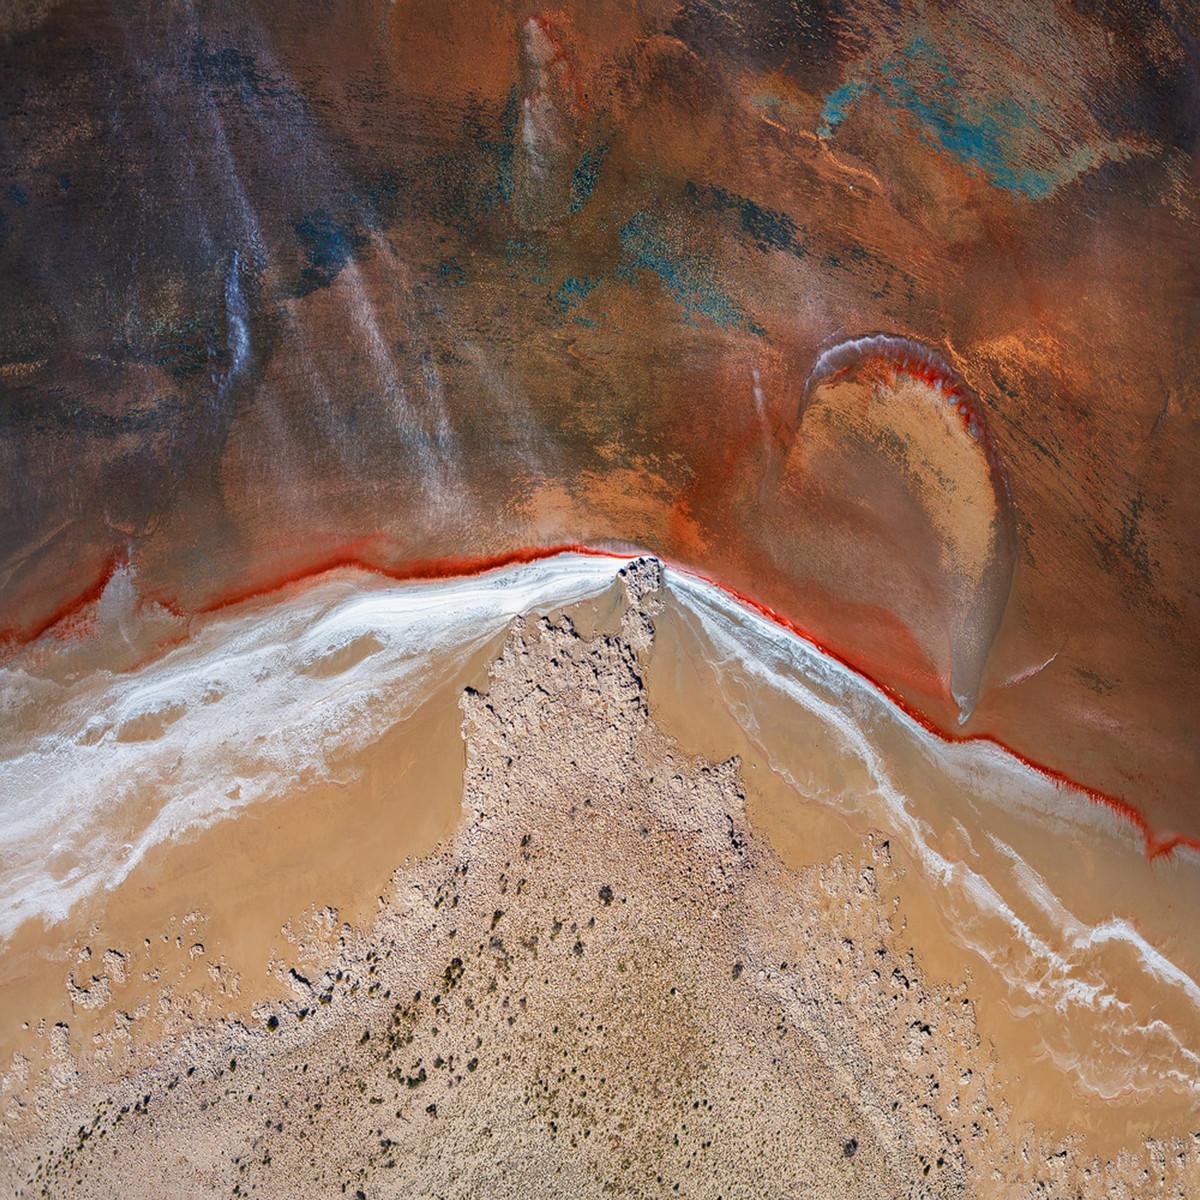 Озеро Эйр в аэрофотографиях 16